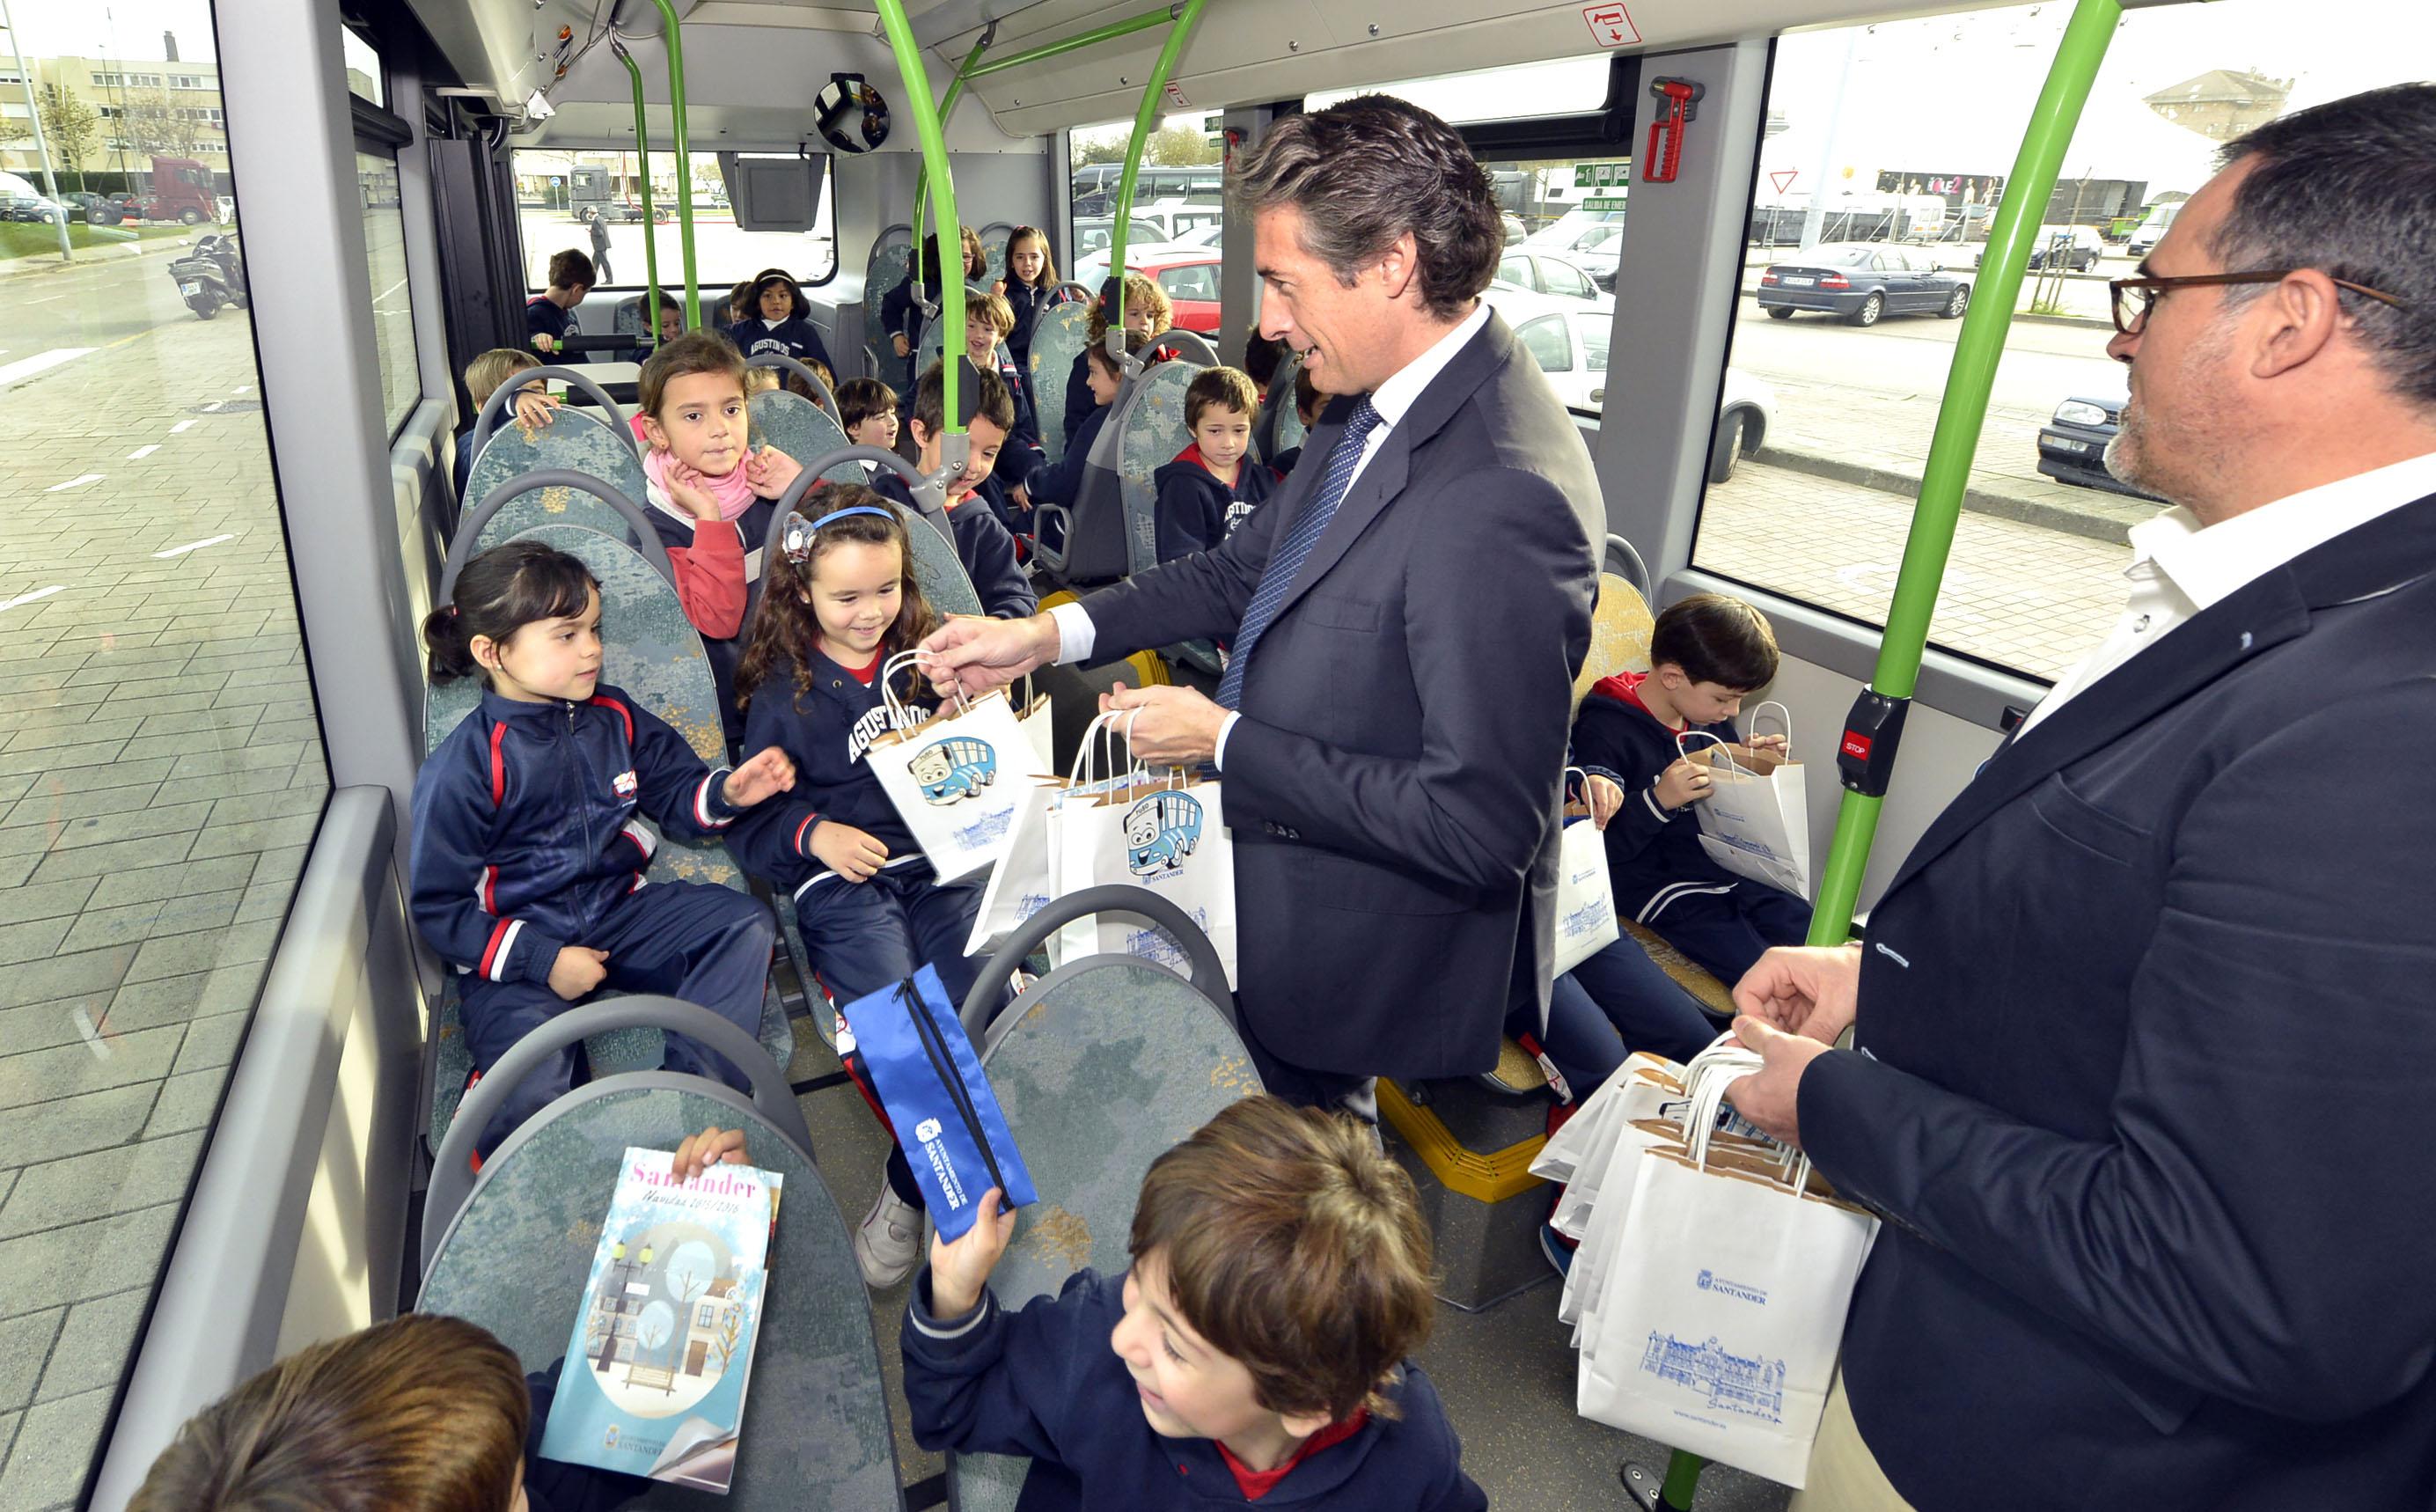 Los niños santanderinos de entre 4 y 6 años viajarán gratis en los autobuses municipales desde el 1 de enero con la tarjeta PEQUETUS